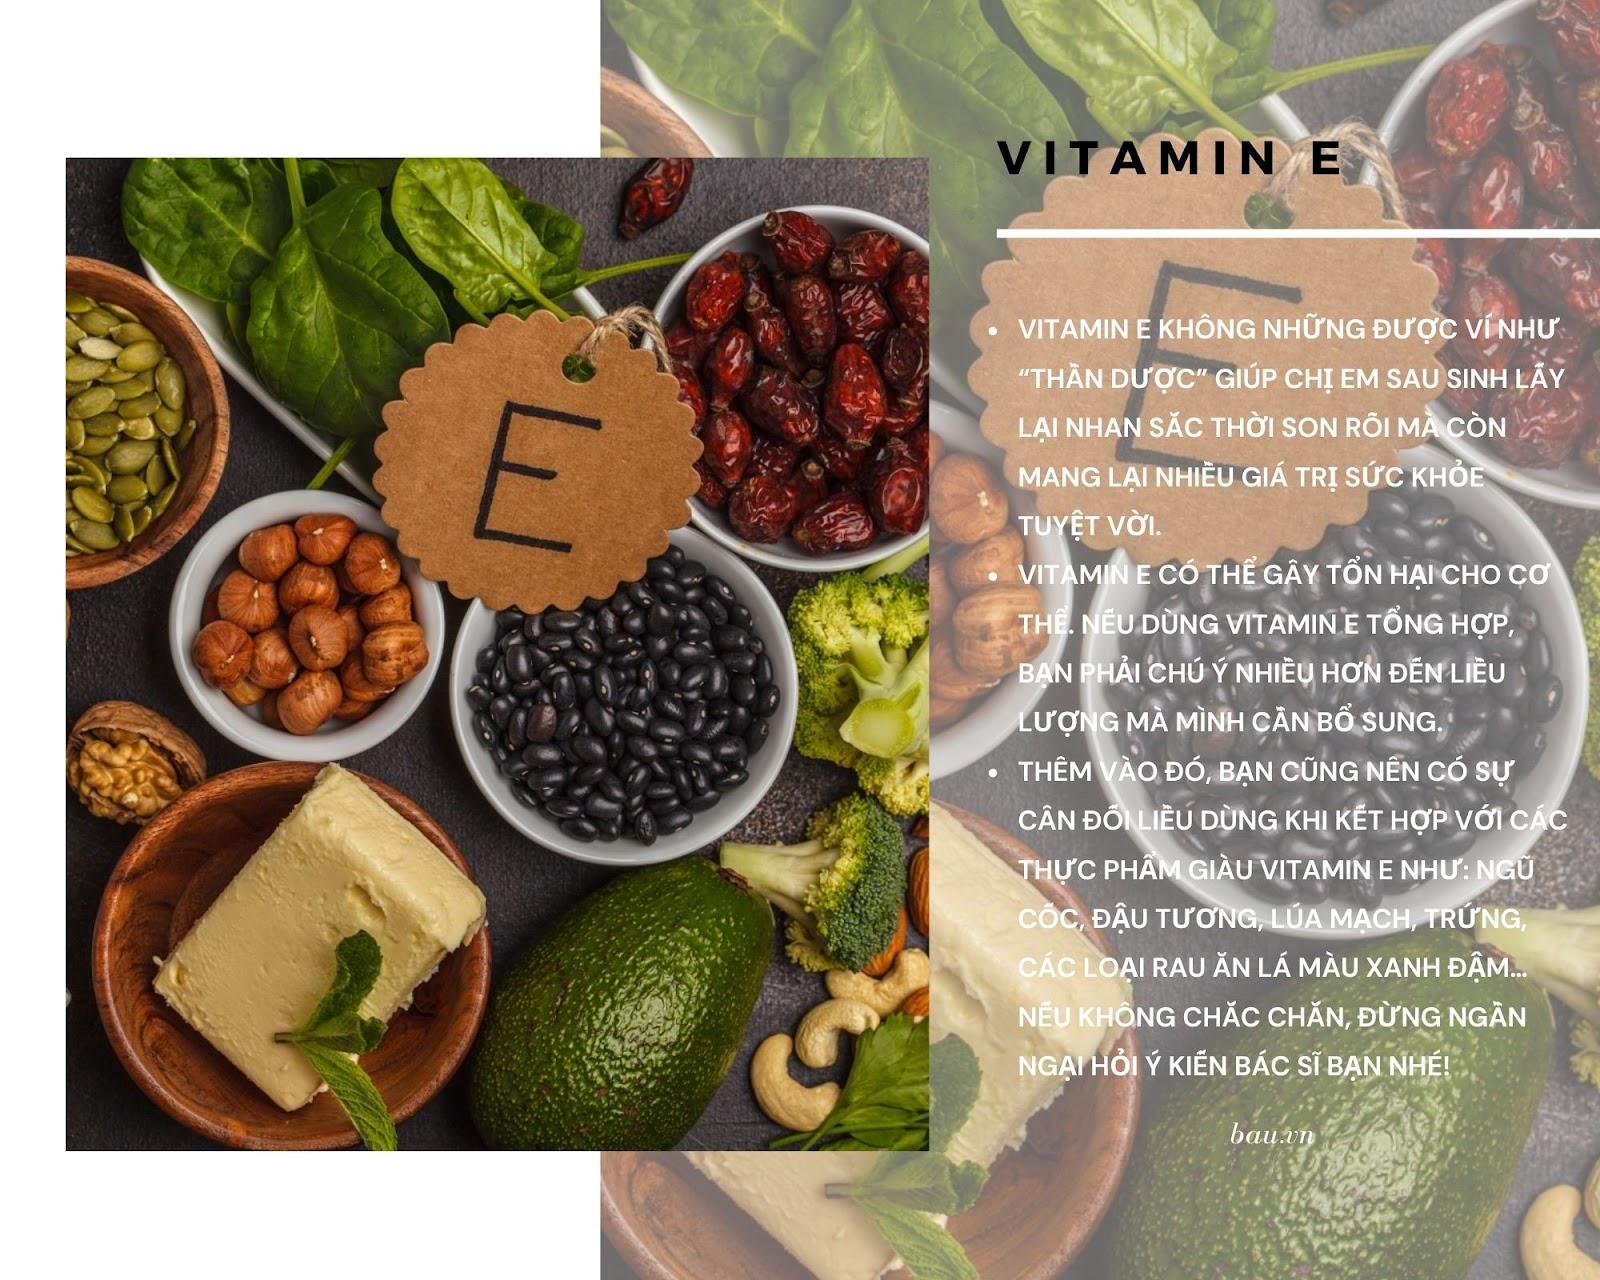 7 loại vitamin cho mẹ sau sinh đang cho con bú - ảnh 6